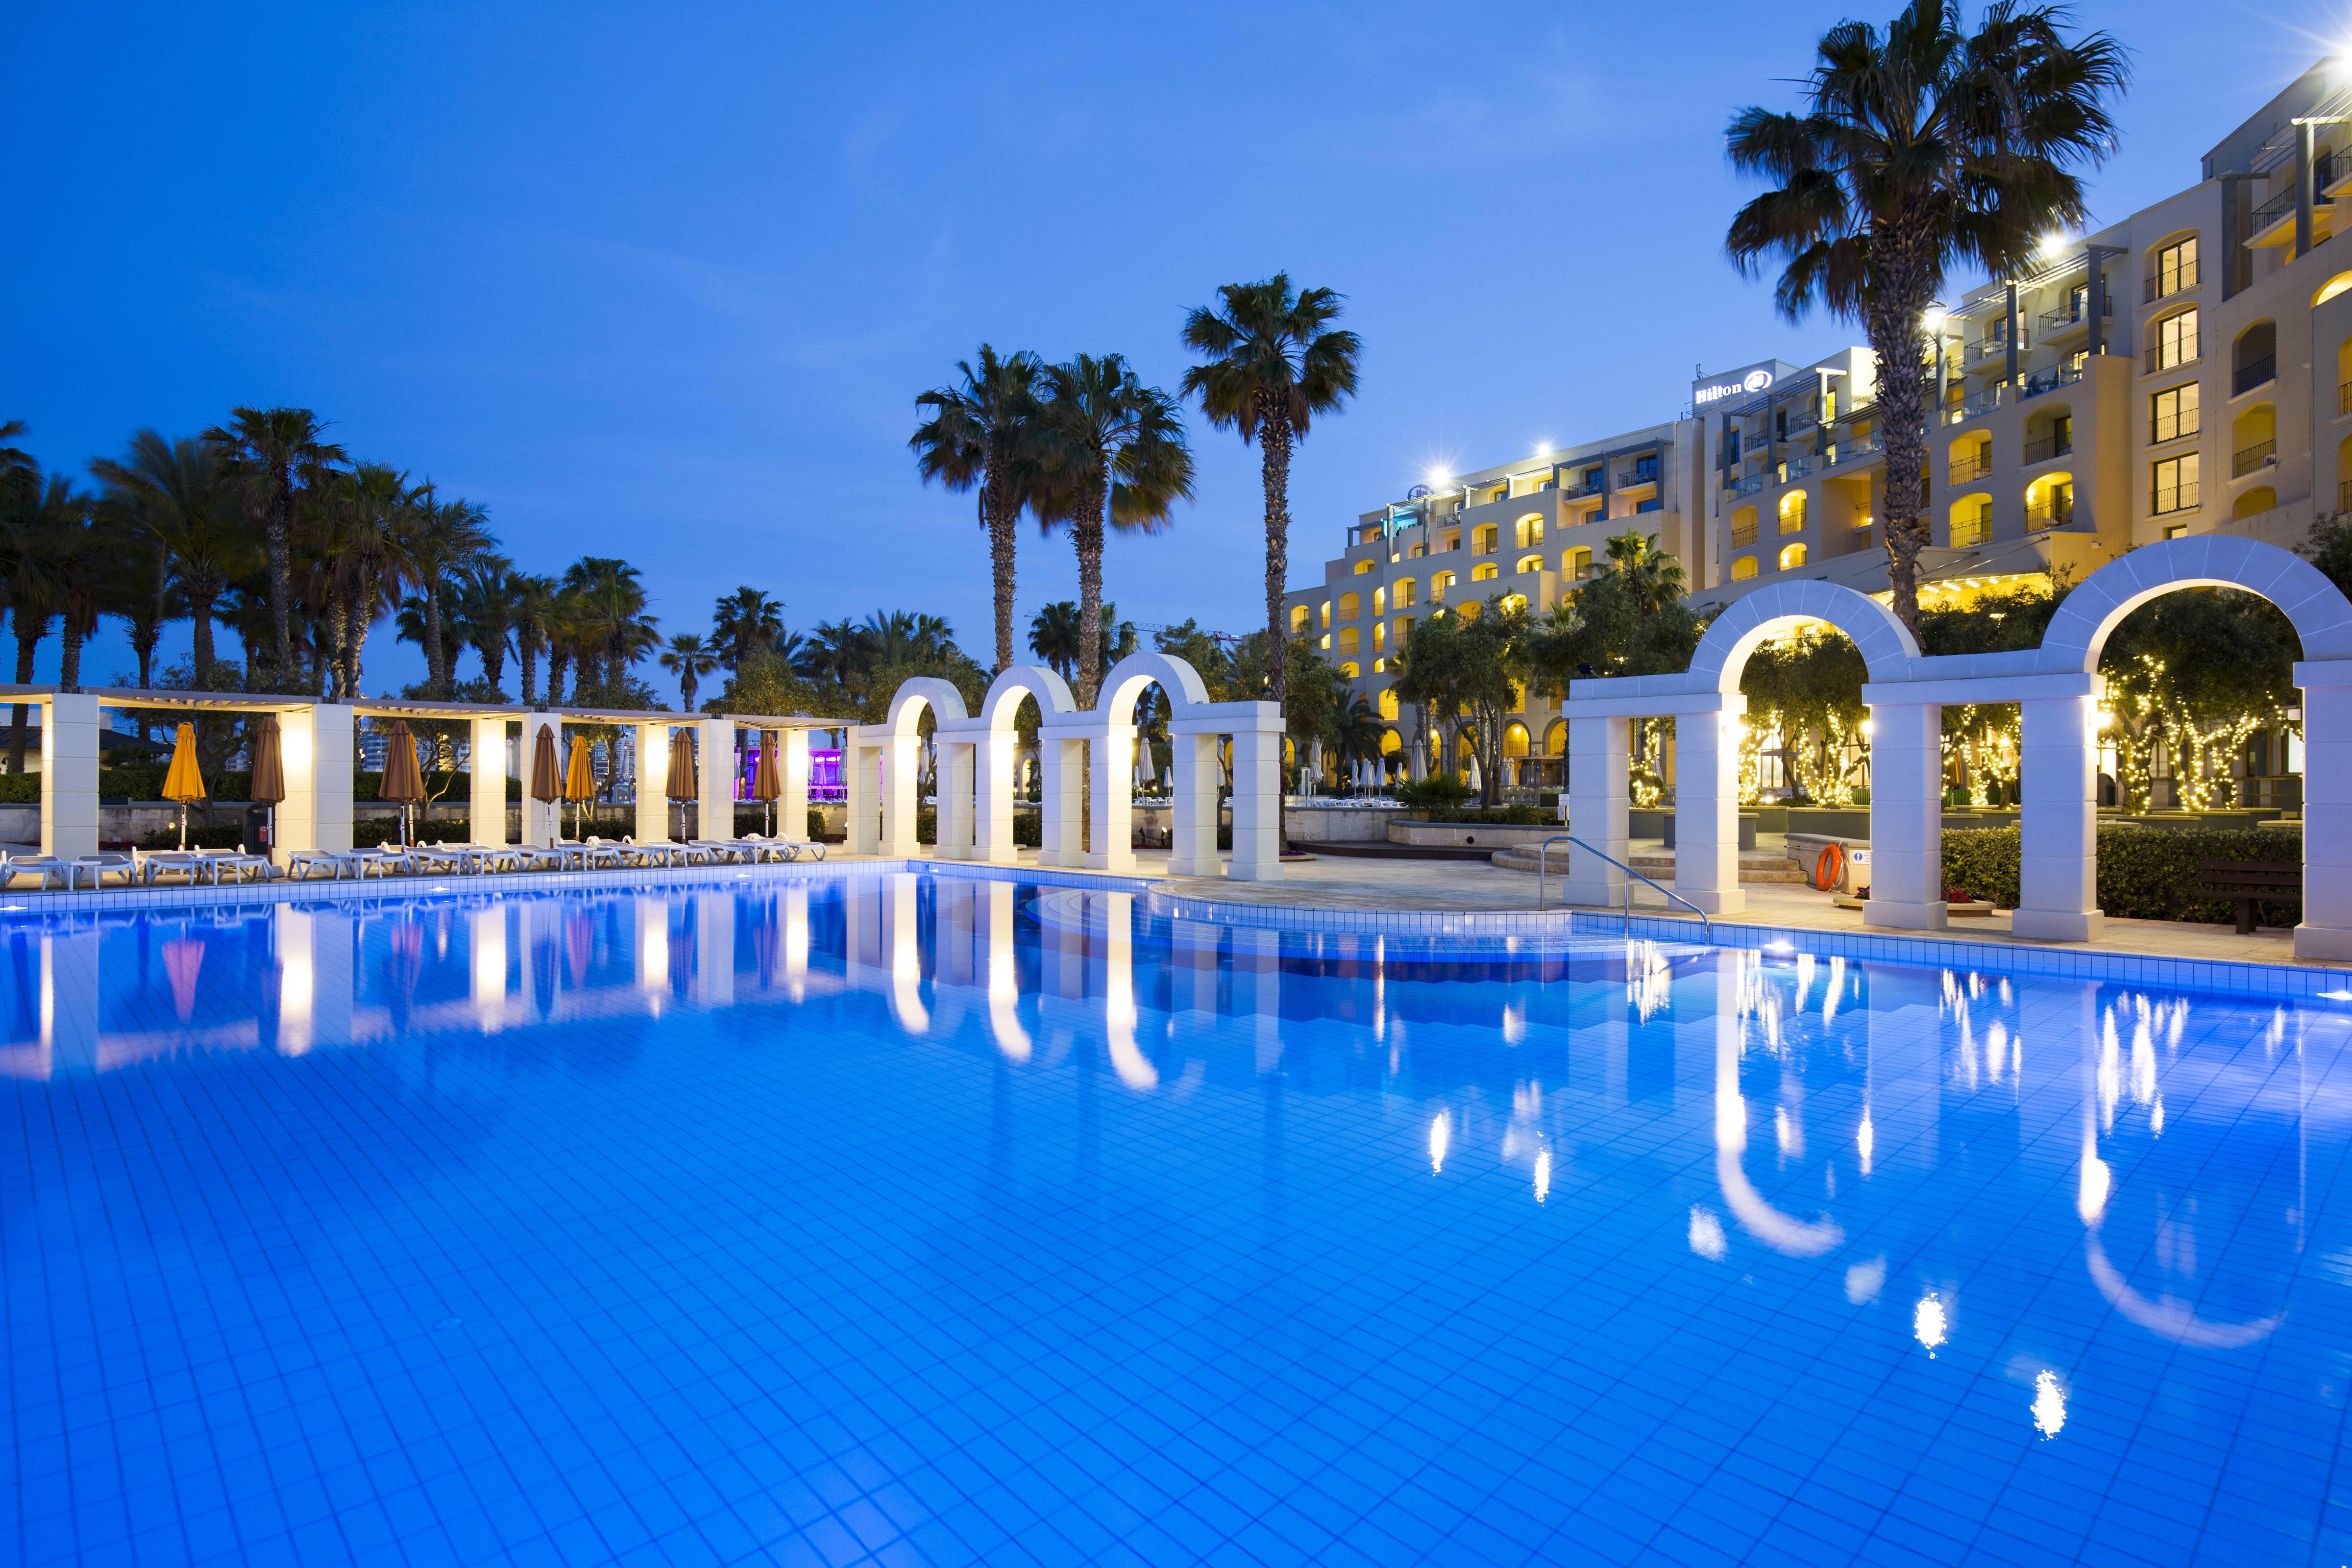 malta hotel st julians